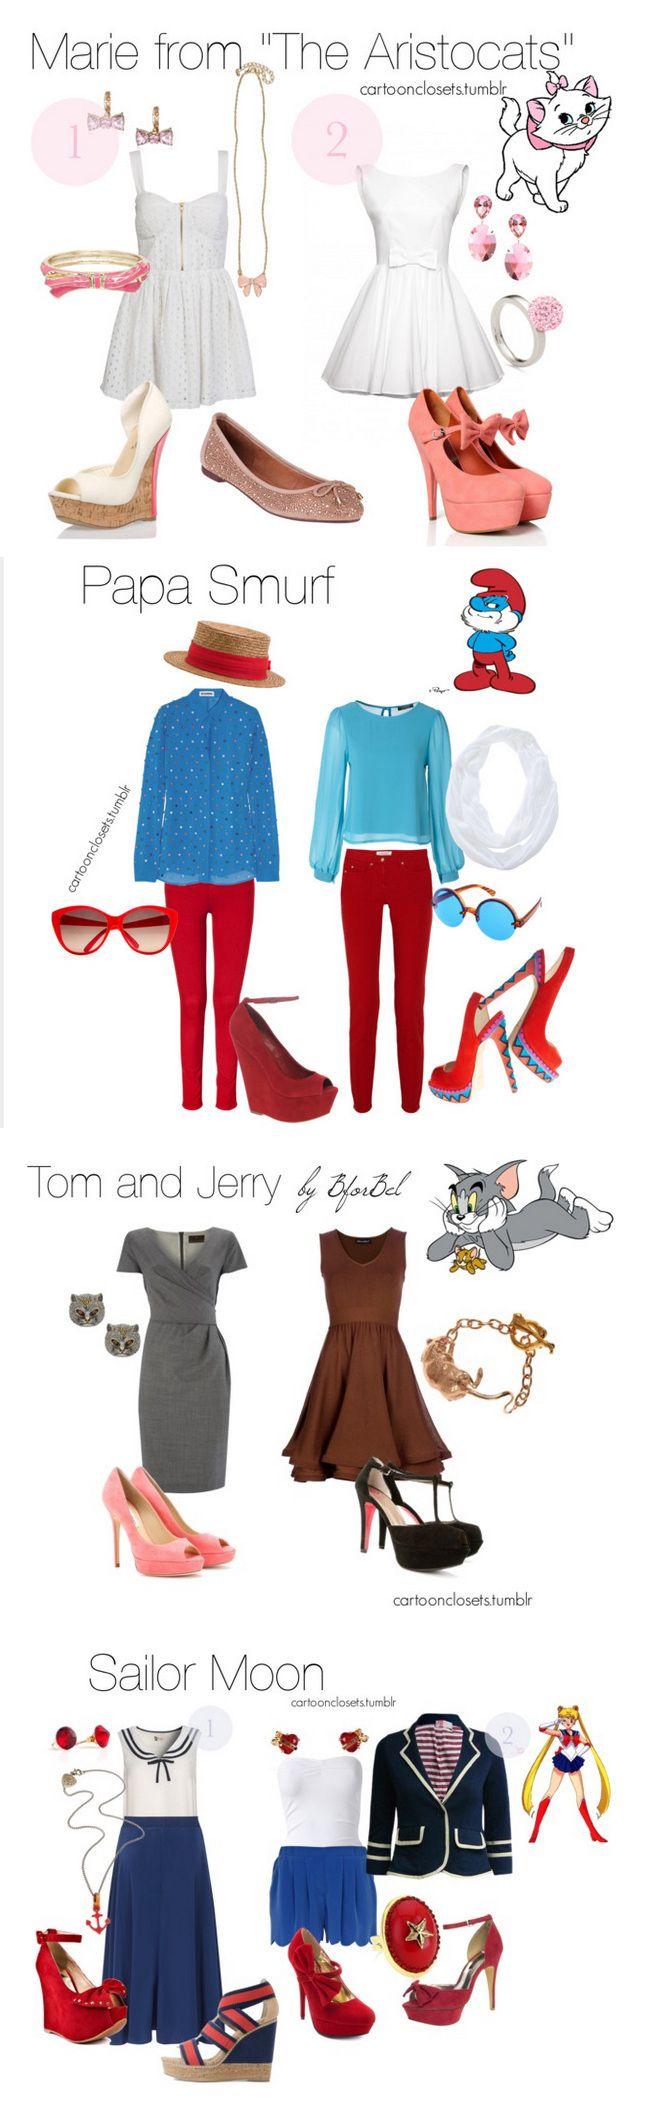 Google image result for http image spreadshirt com image server v1 - Cartoon Fashion